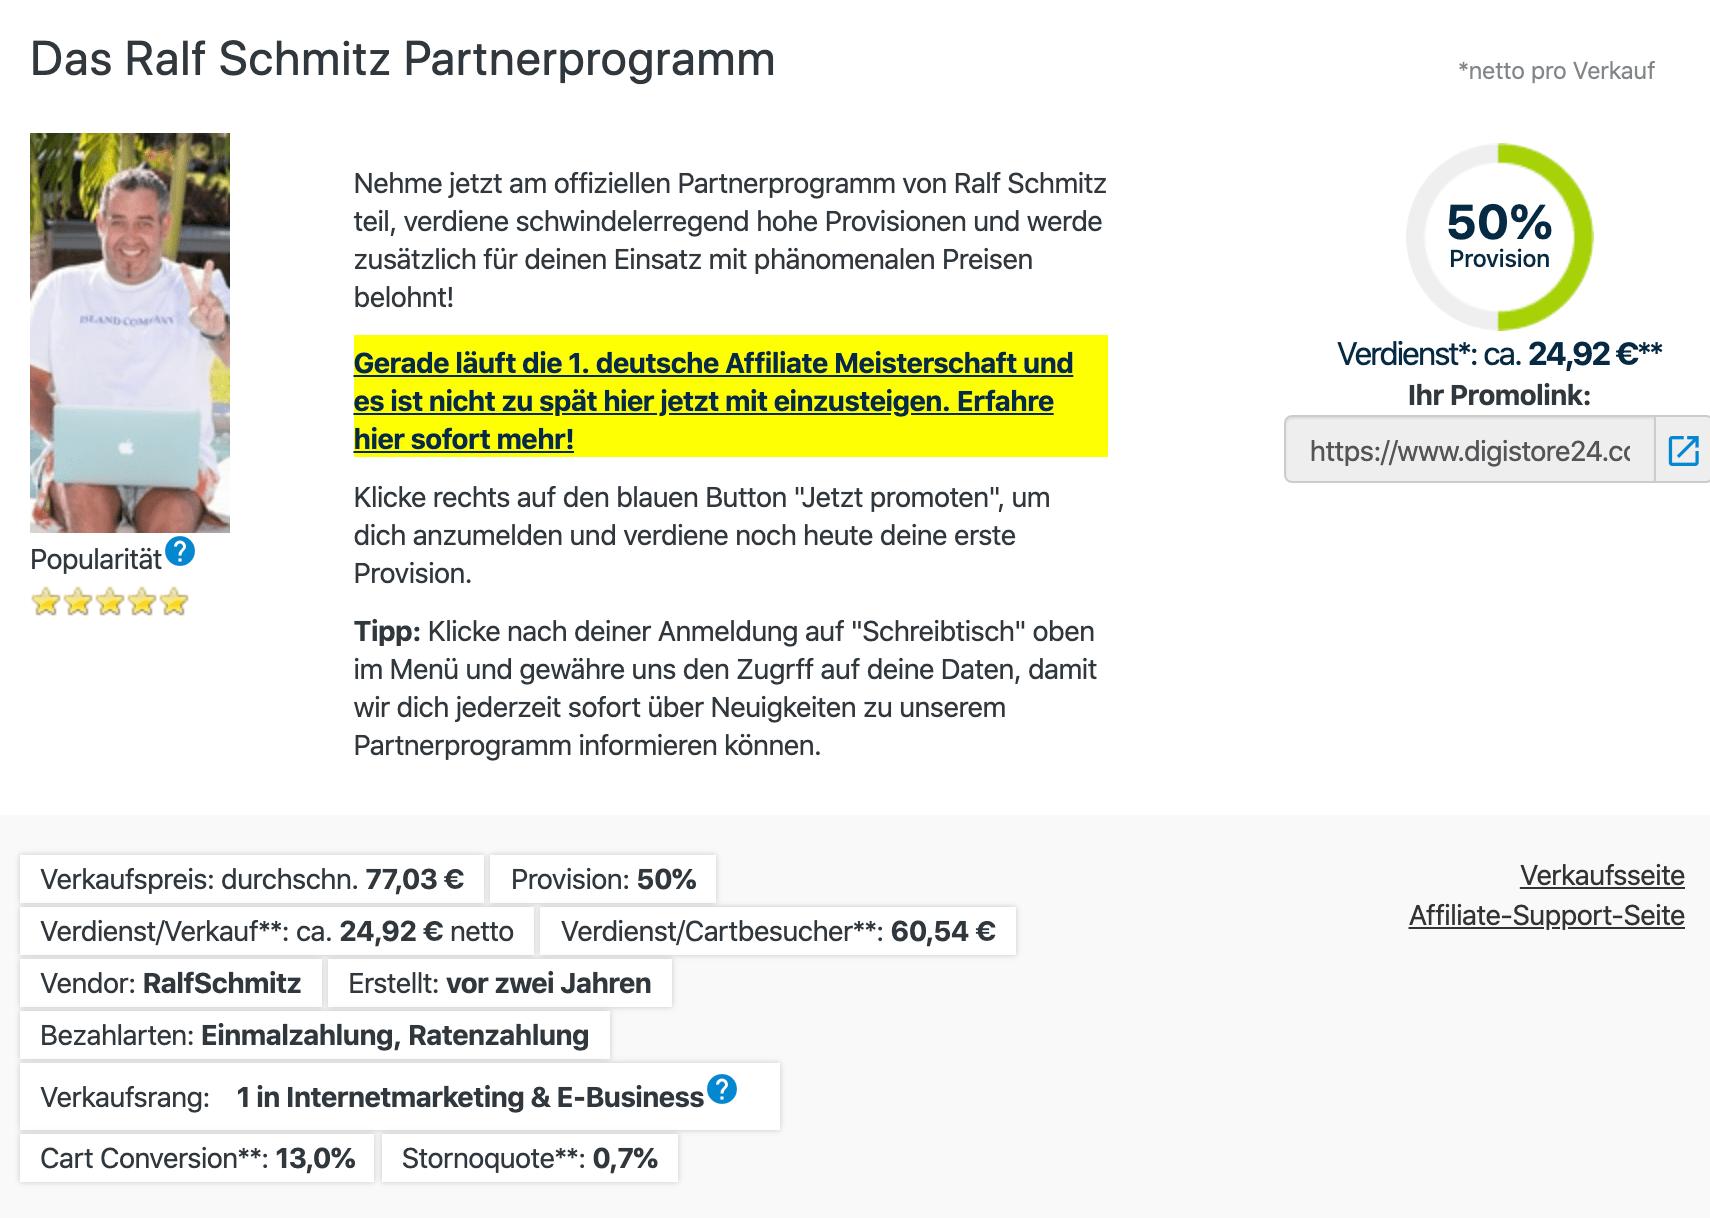 Ralf Schmitz Partnerprogramm